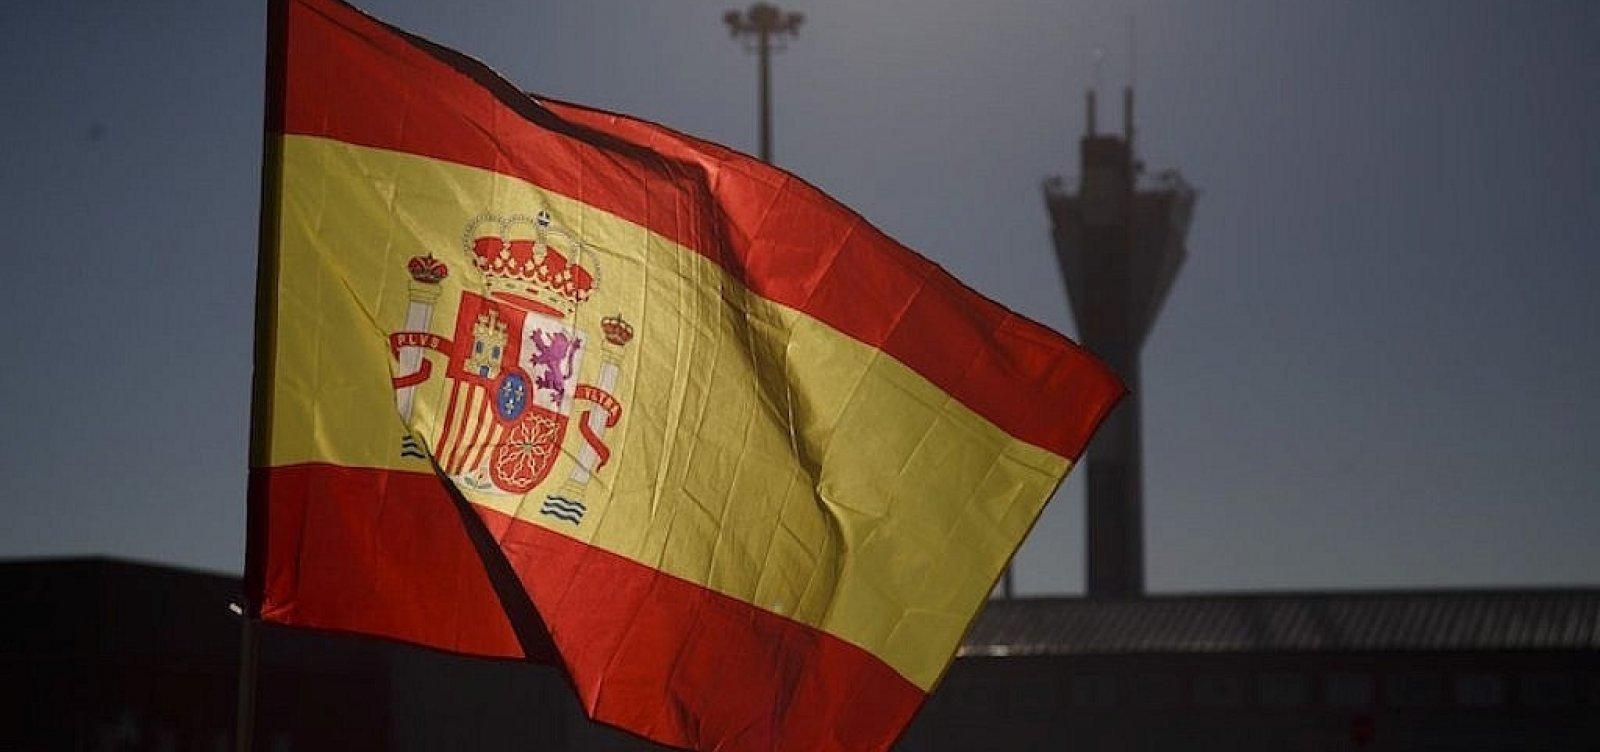 Espanha retira restrições e passa a receber turistas vacinados